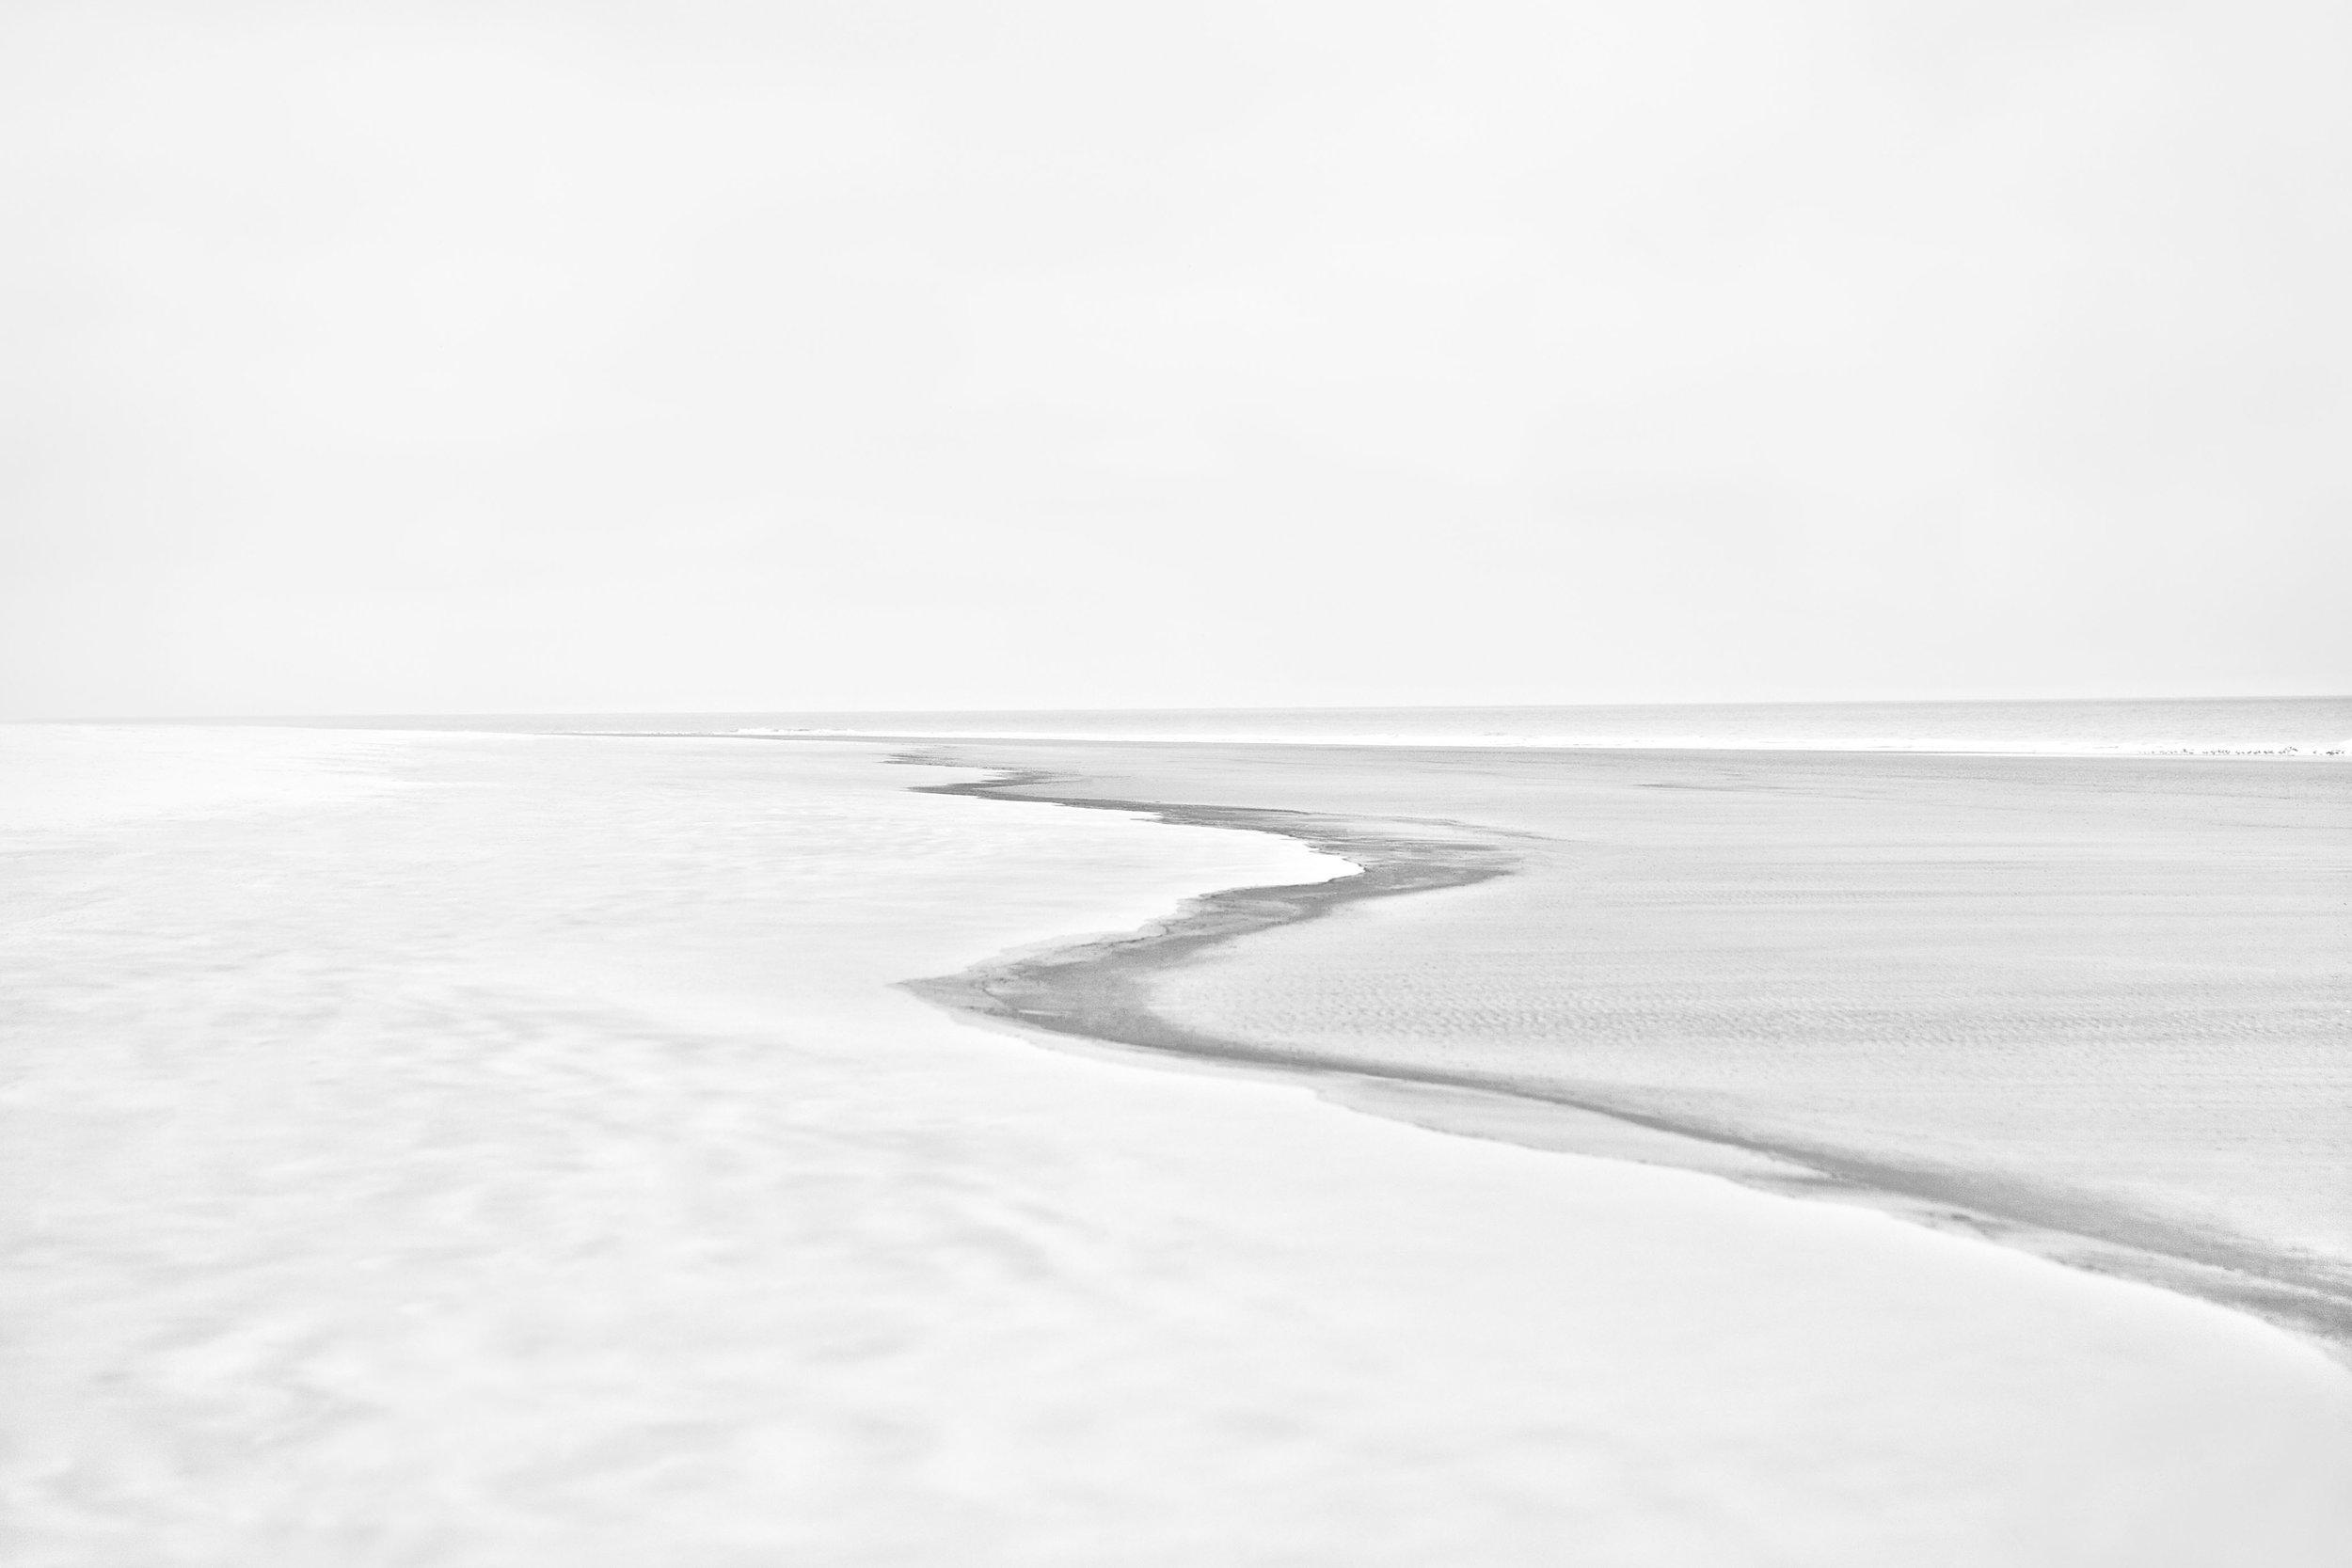 Anouk Masson Krantz  Tide 2  print on bright white matte pigment paper